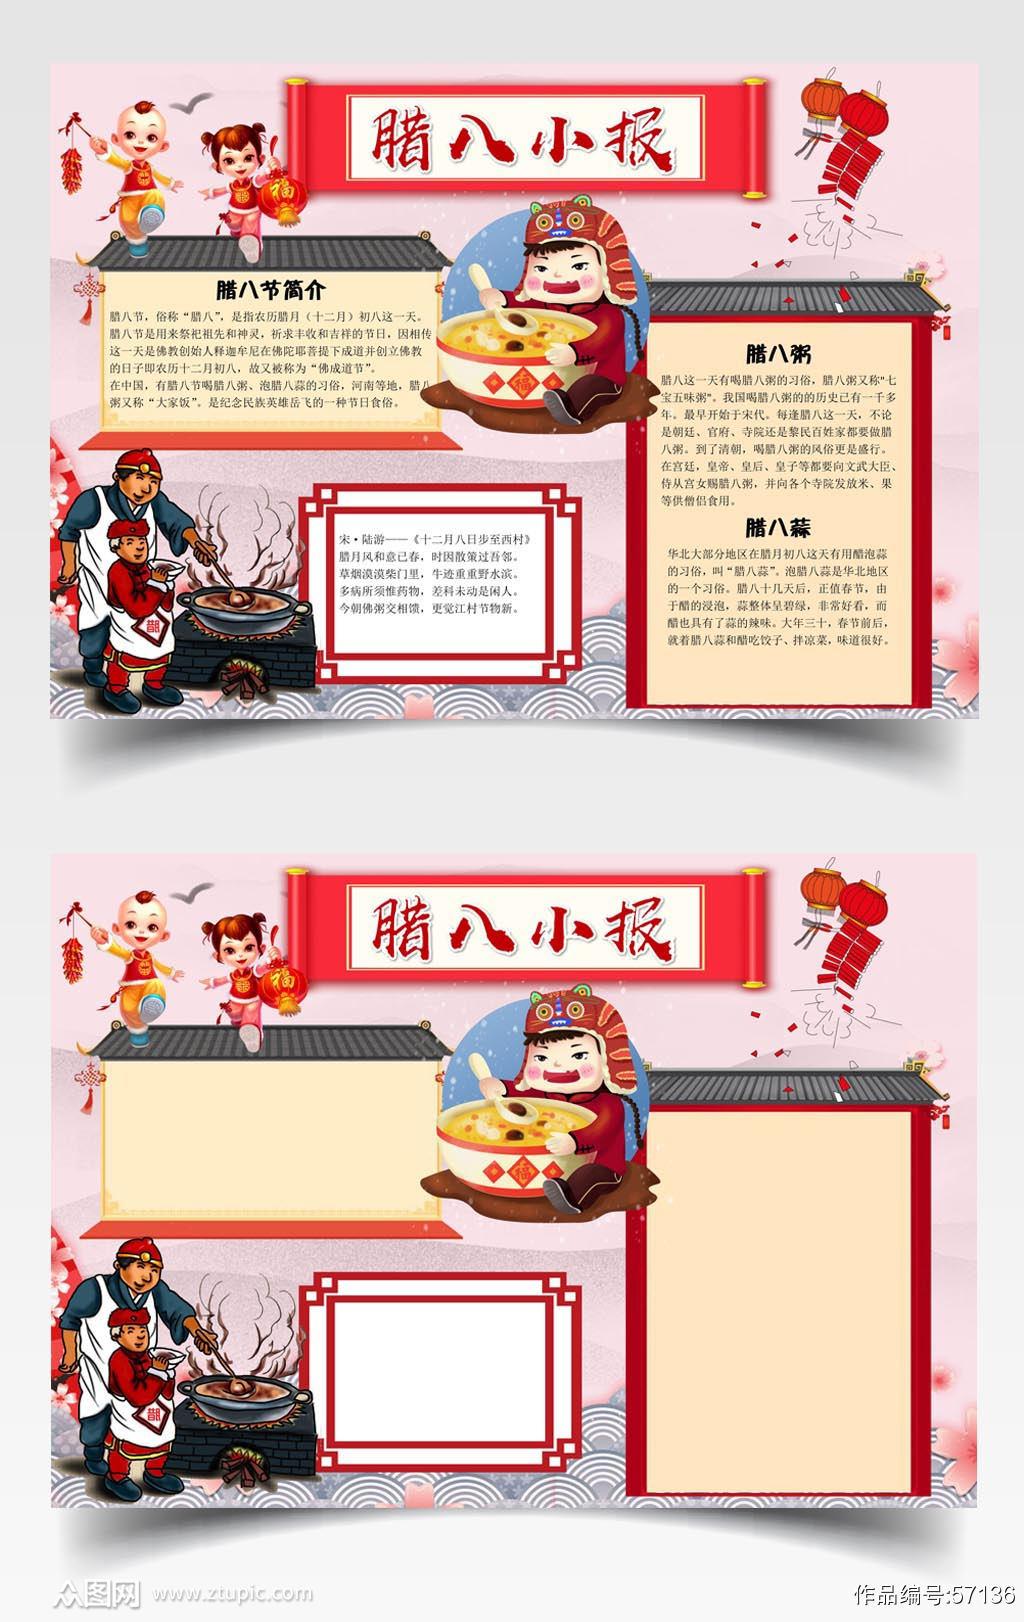 红色卡通中国风腊八小报素材